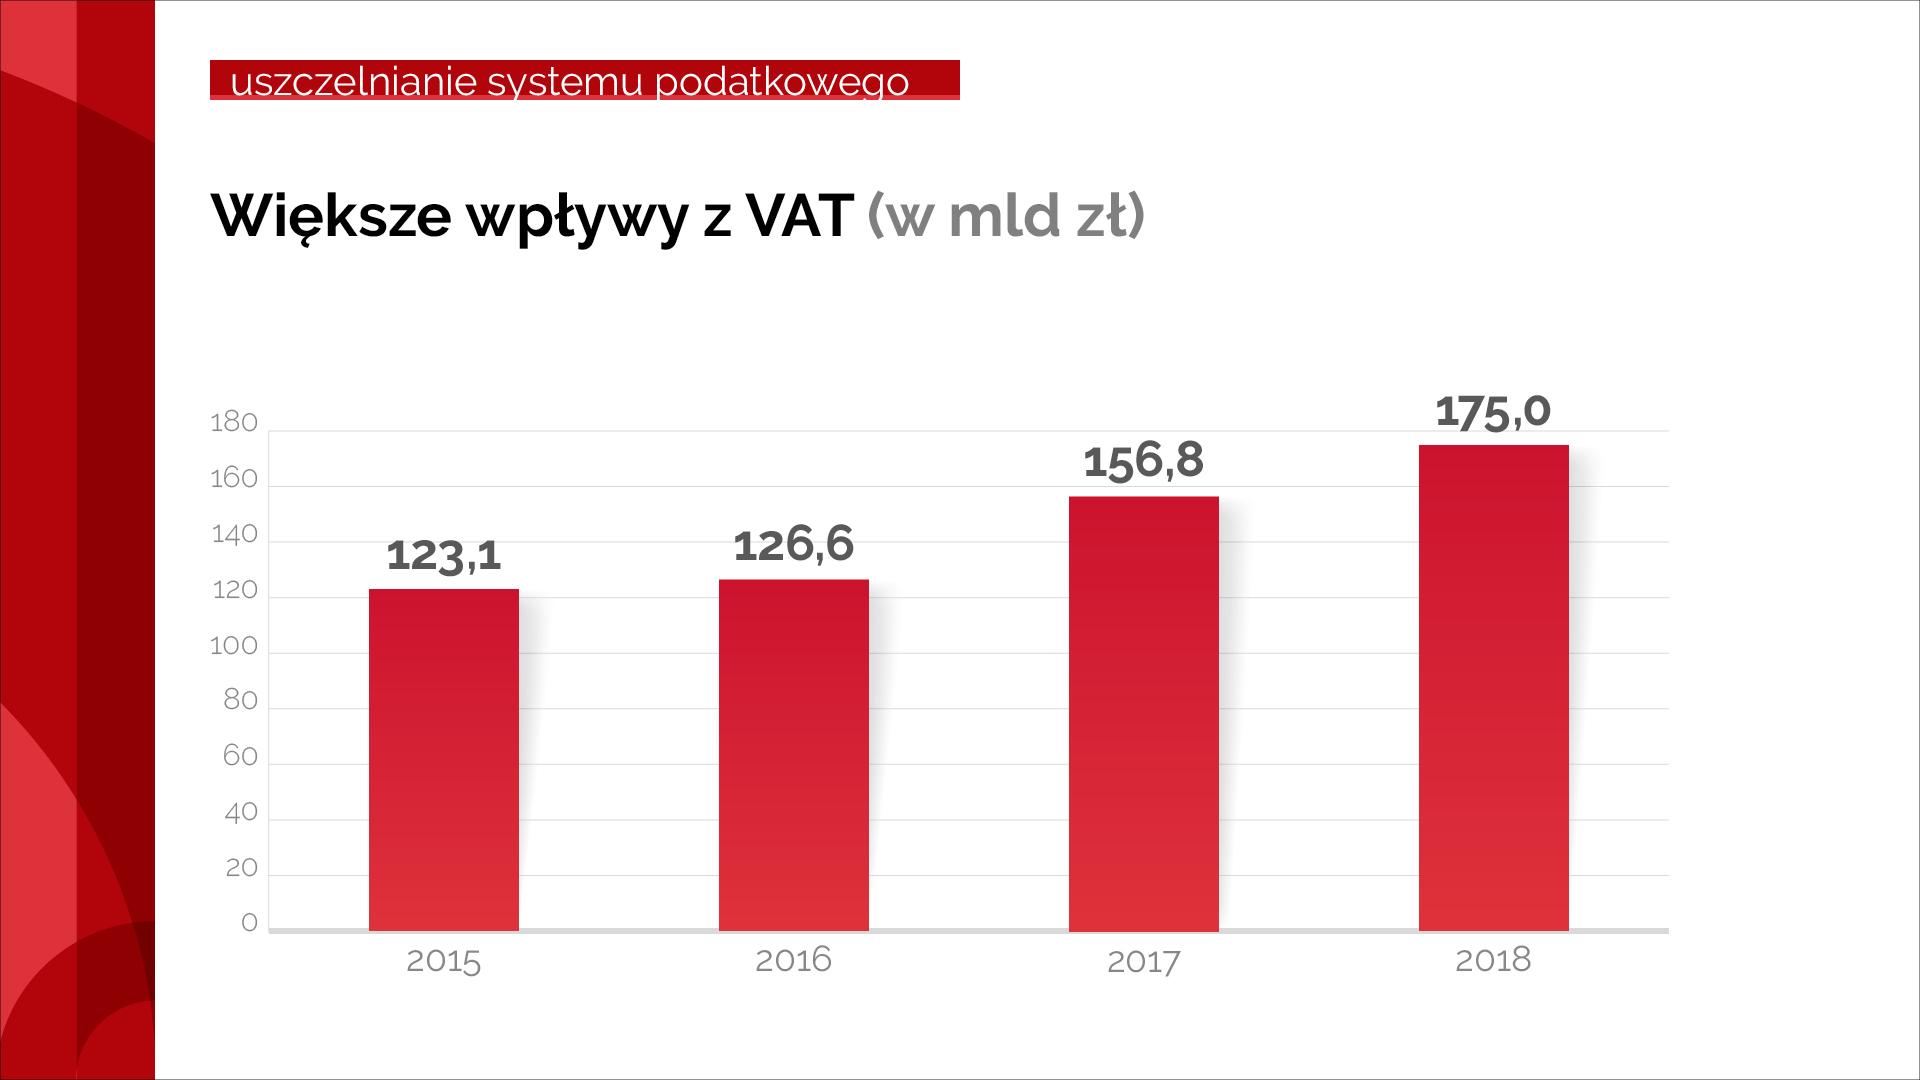 Wykres pokazujący wzrost wpływów z VAT od 2015 r. do 2018 r.